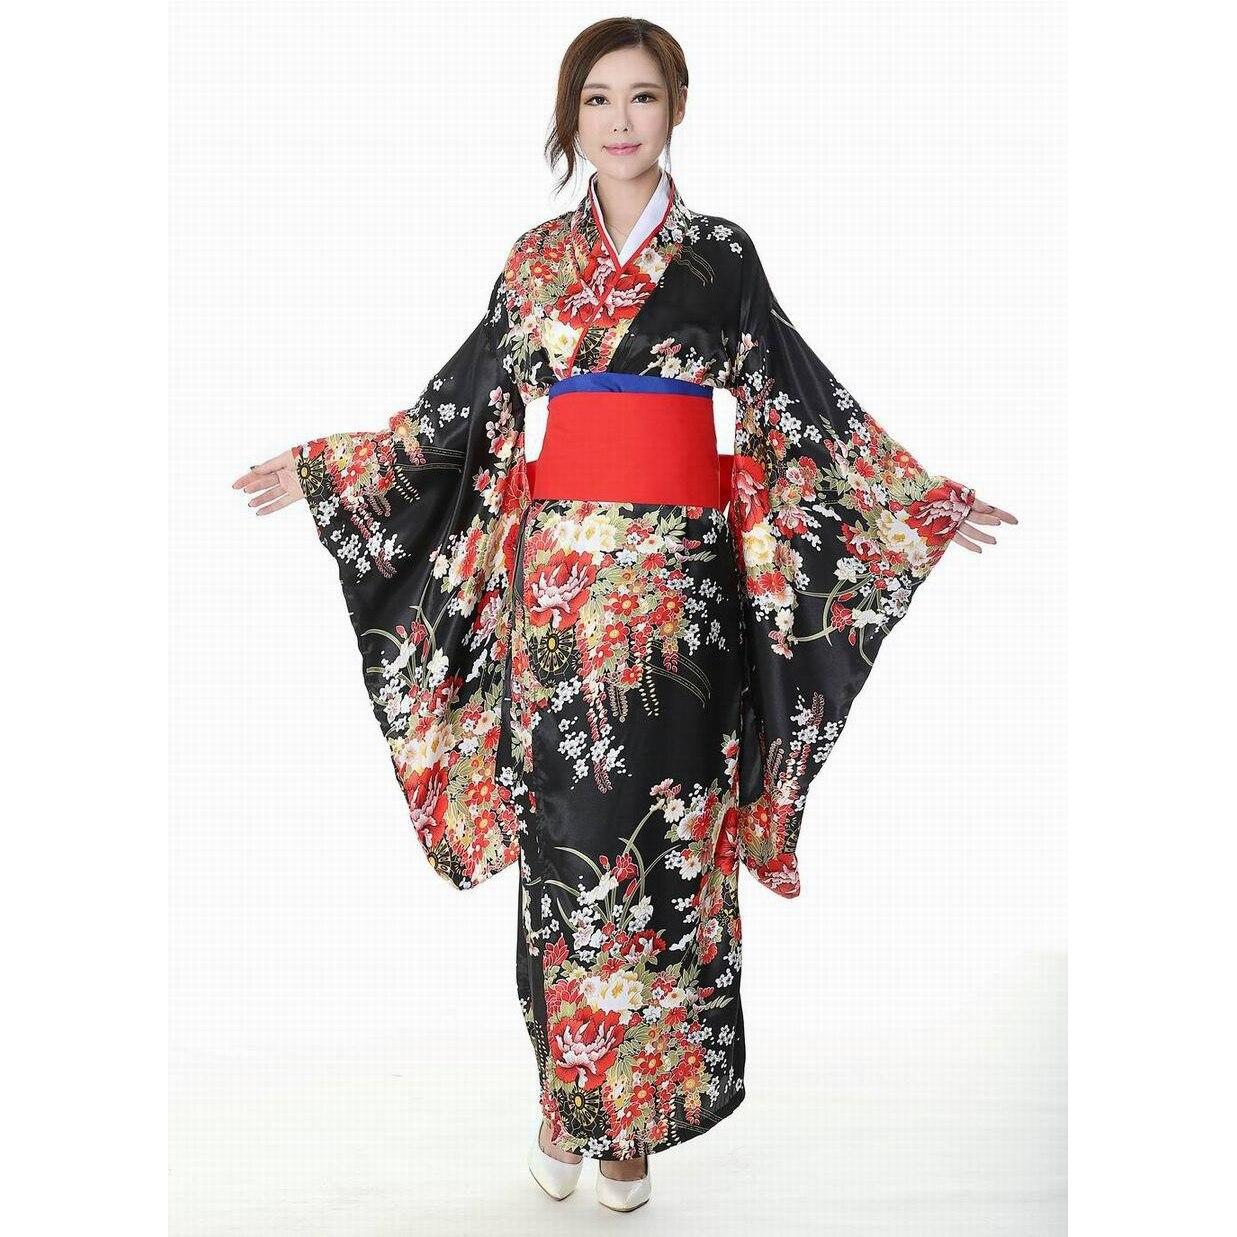 Japanischen Traditionellen Mädchen Blume Geisha Kimono Vintage Frauen Bühne Zeigen Kostüm Cosplay Hölle Mädchen Enma Frauen Sakura Anzug